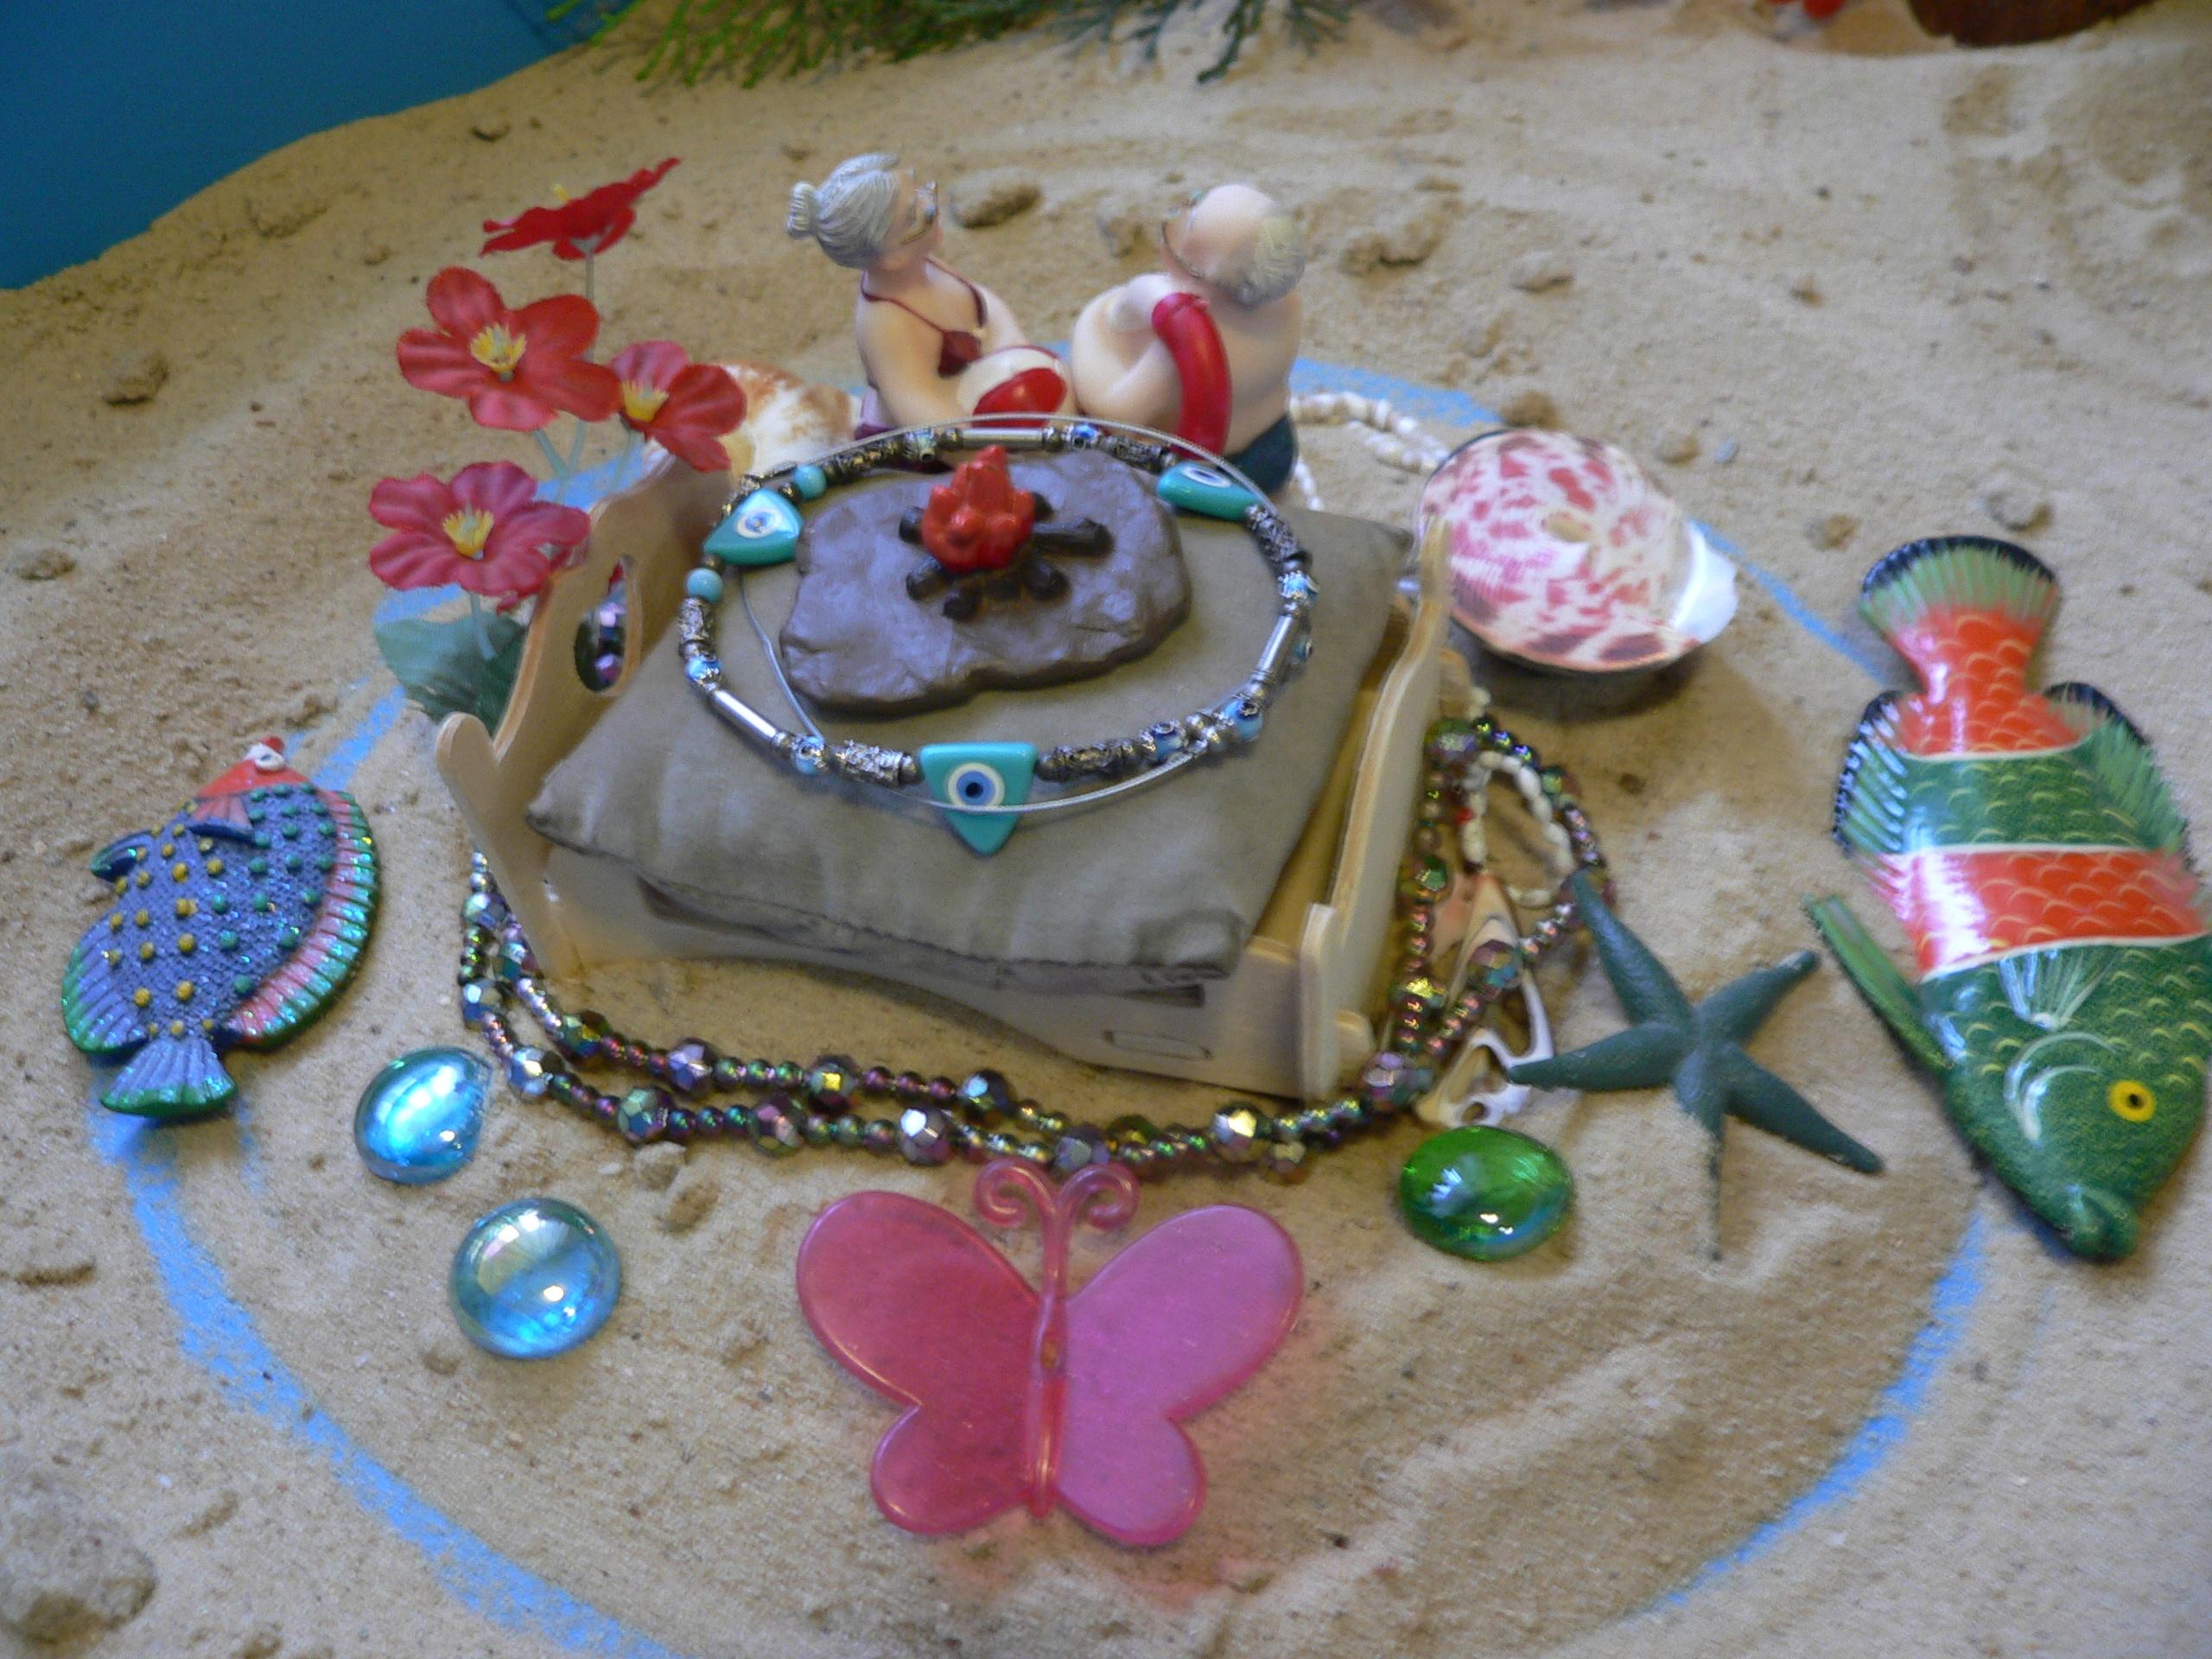 Юнгианская песочная терапия (Сэндплей) - пример песочной композиции. Запись к психологу, консультации психолога, поговорить с психологом